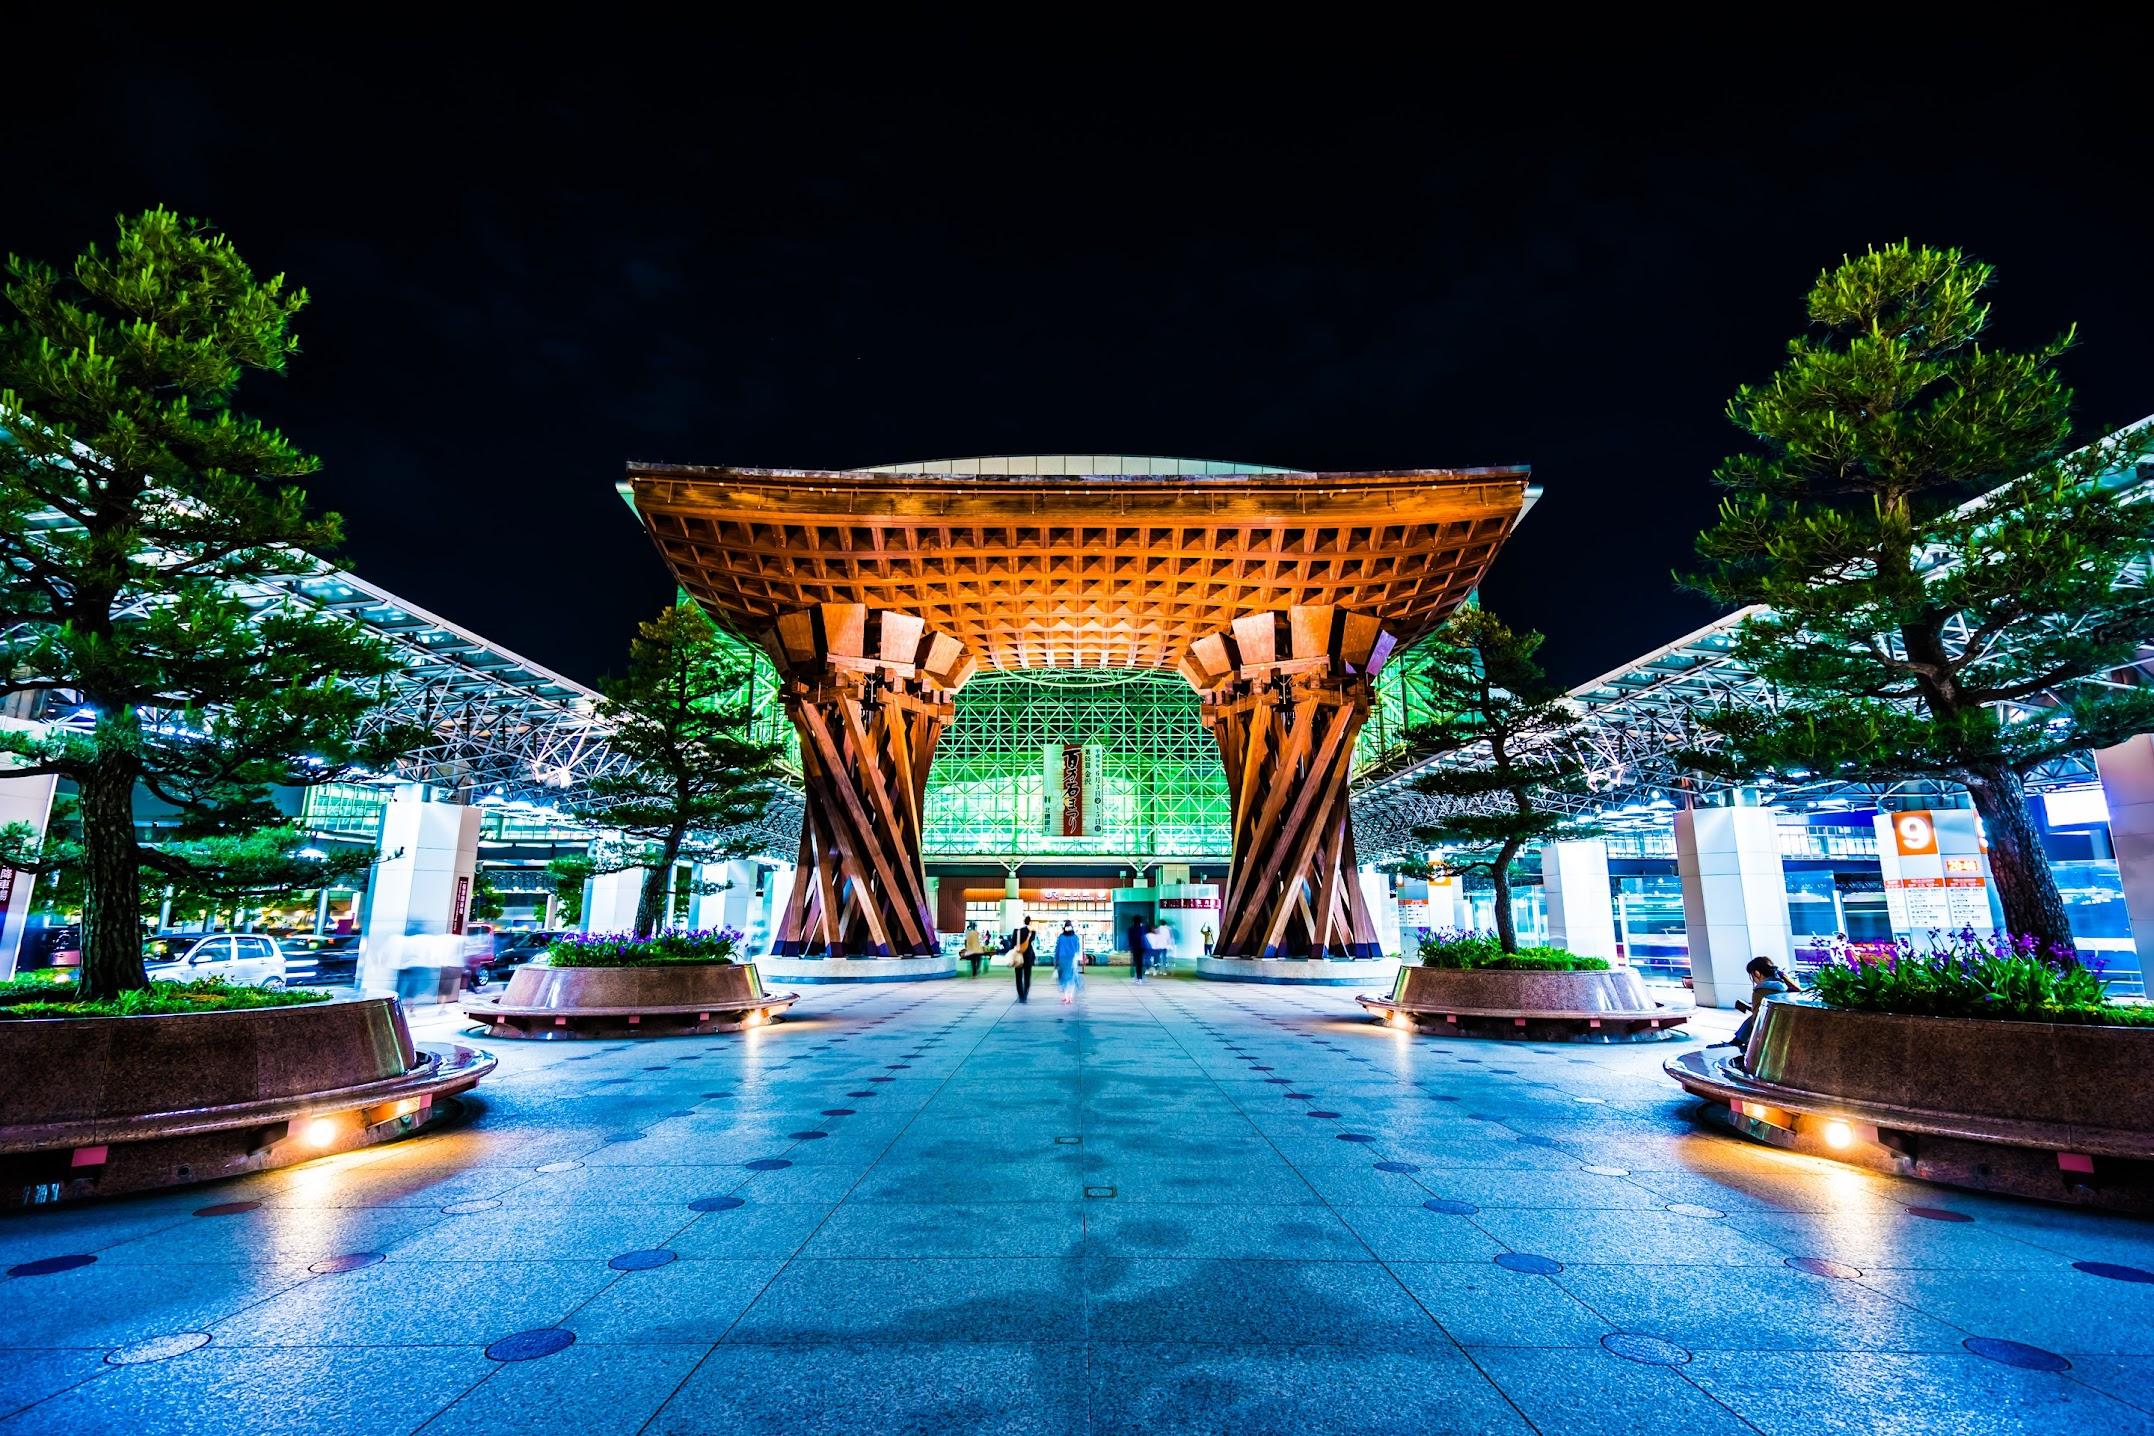 金沢駅 鼓門 ライトアップ1